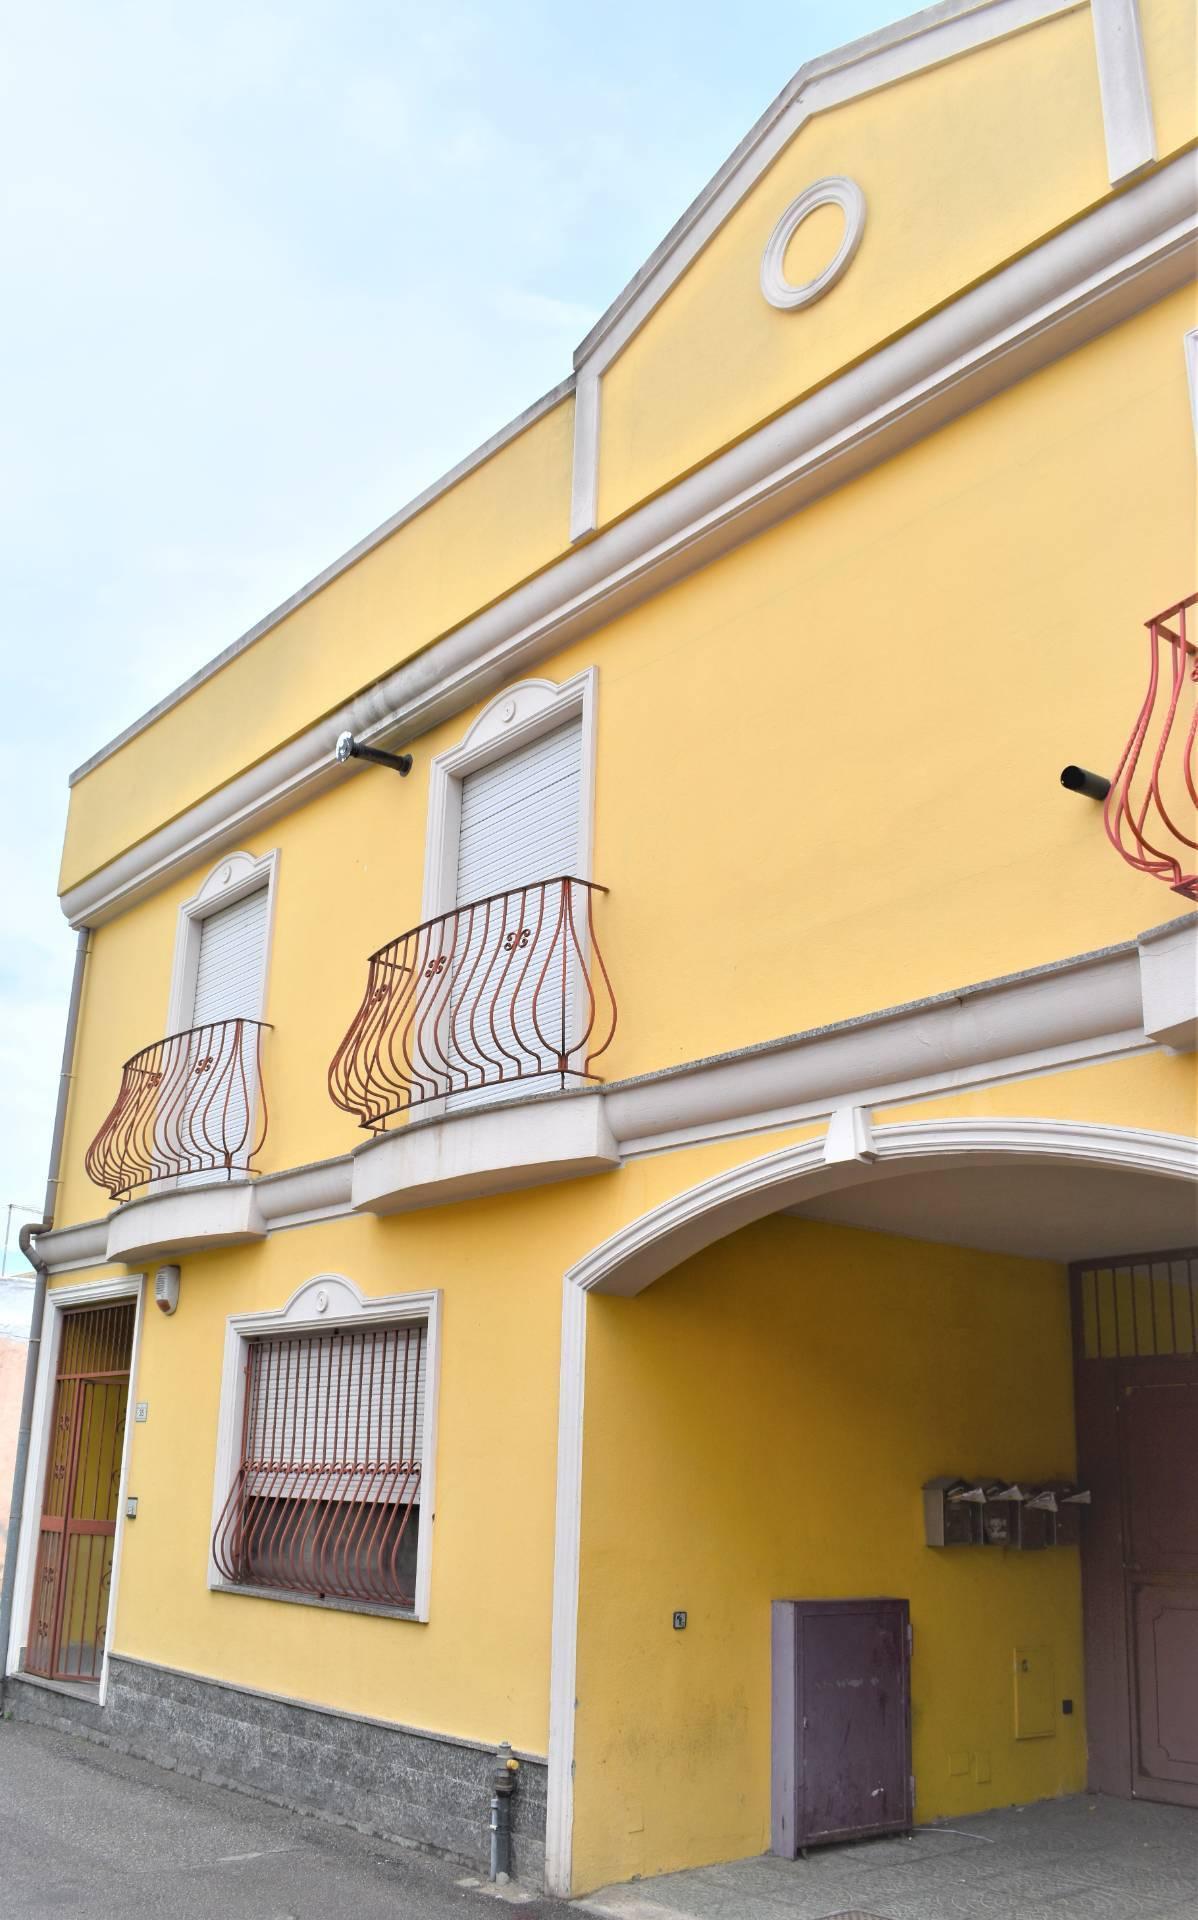 Appartamento in vendita a Quartu Sant'Elena, 3 locali, prezzo € 135.000 | PortaleAgenzieImmobiliari.it